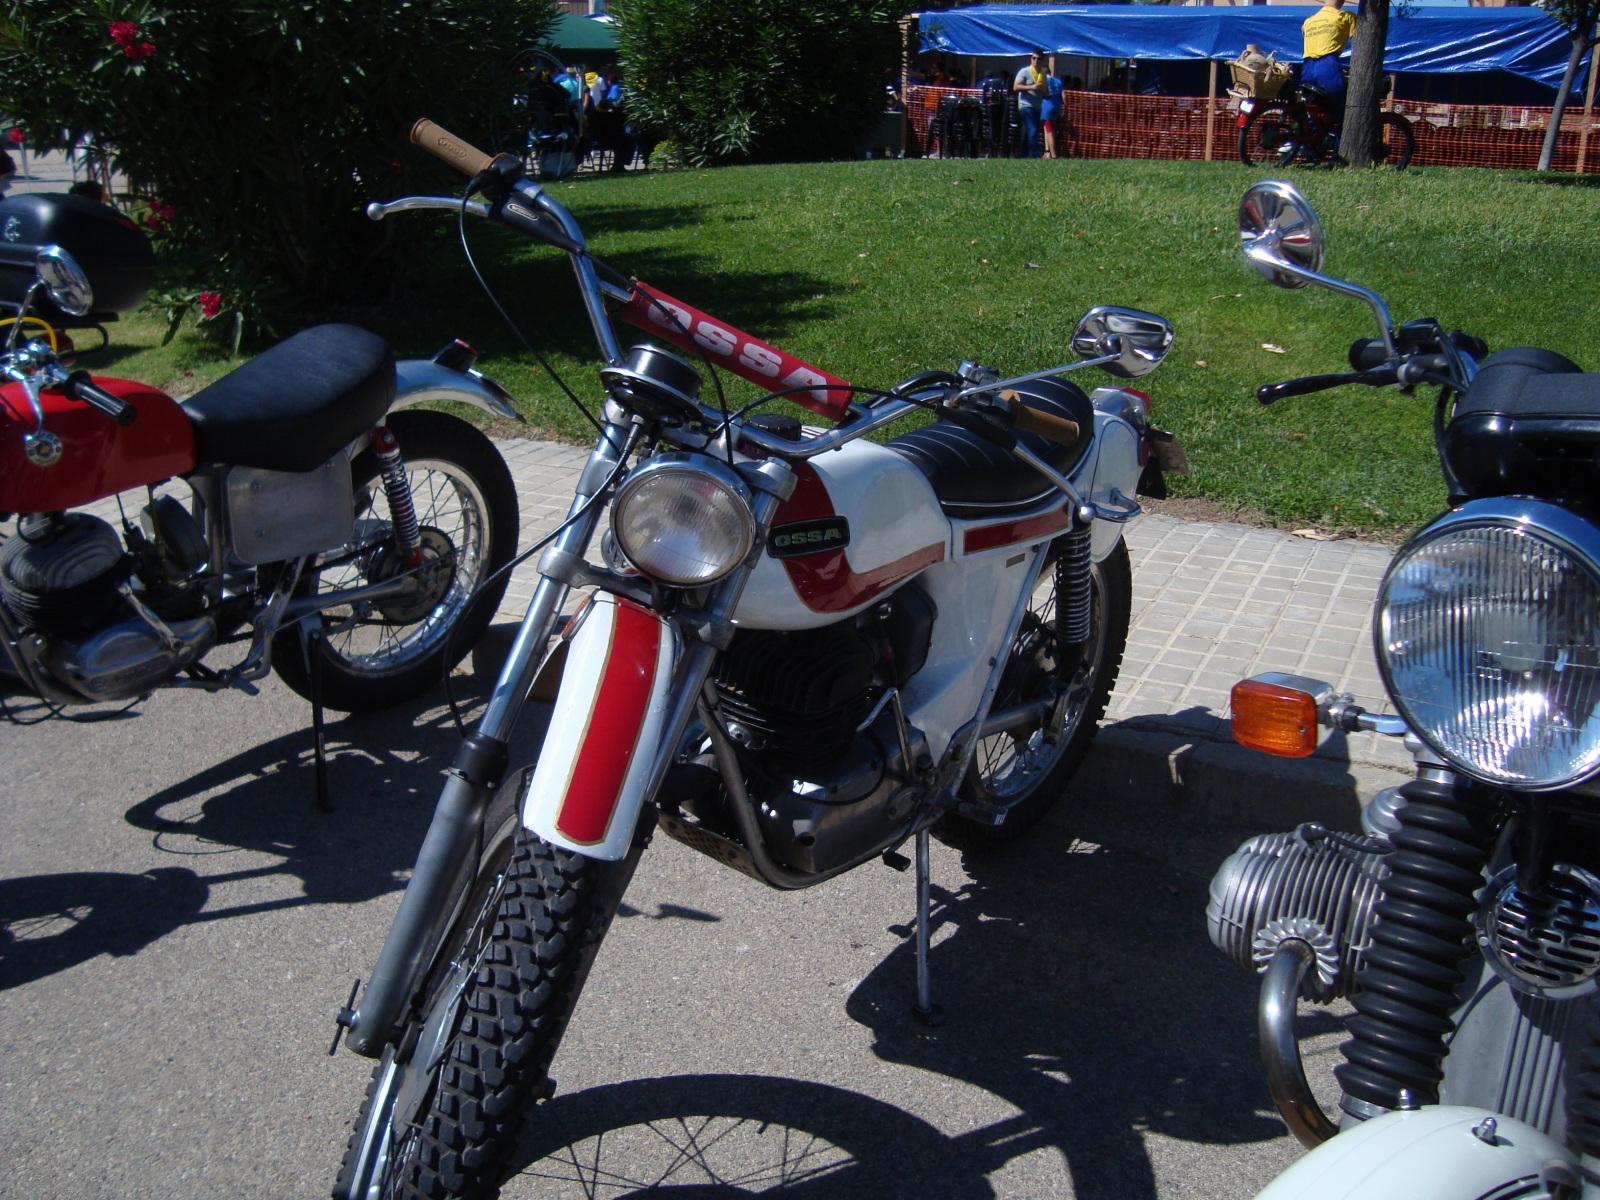 XI concentracion de motos antiguas en Alberuela de tubo (Huesca) 13yf2f7